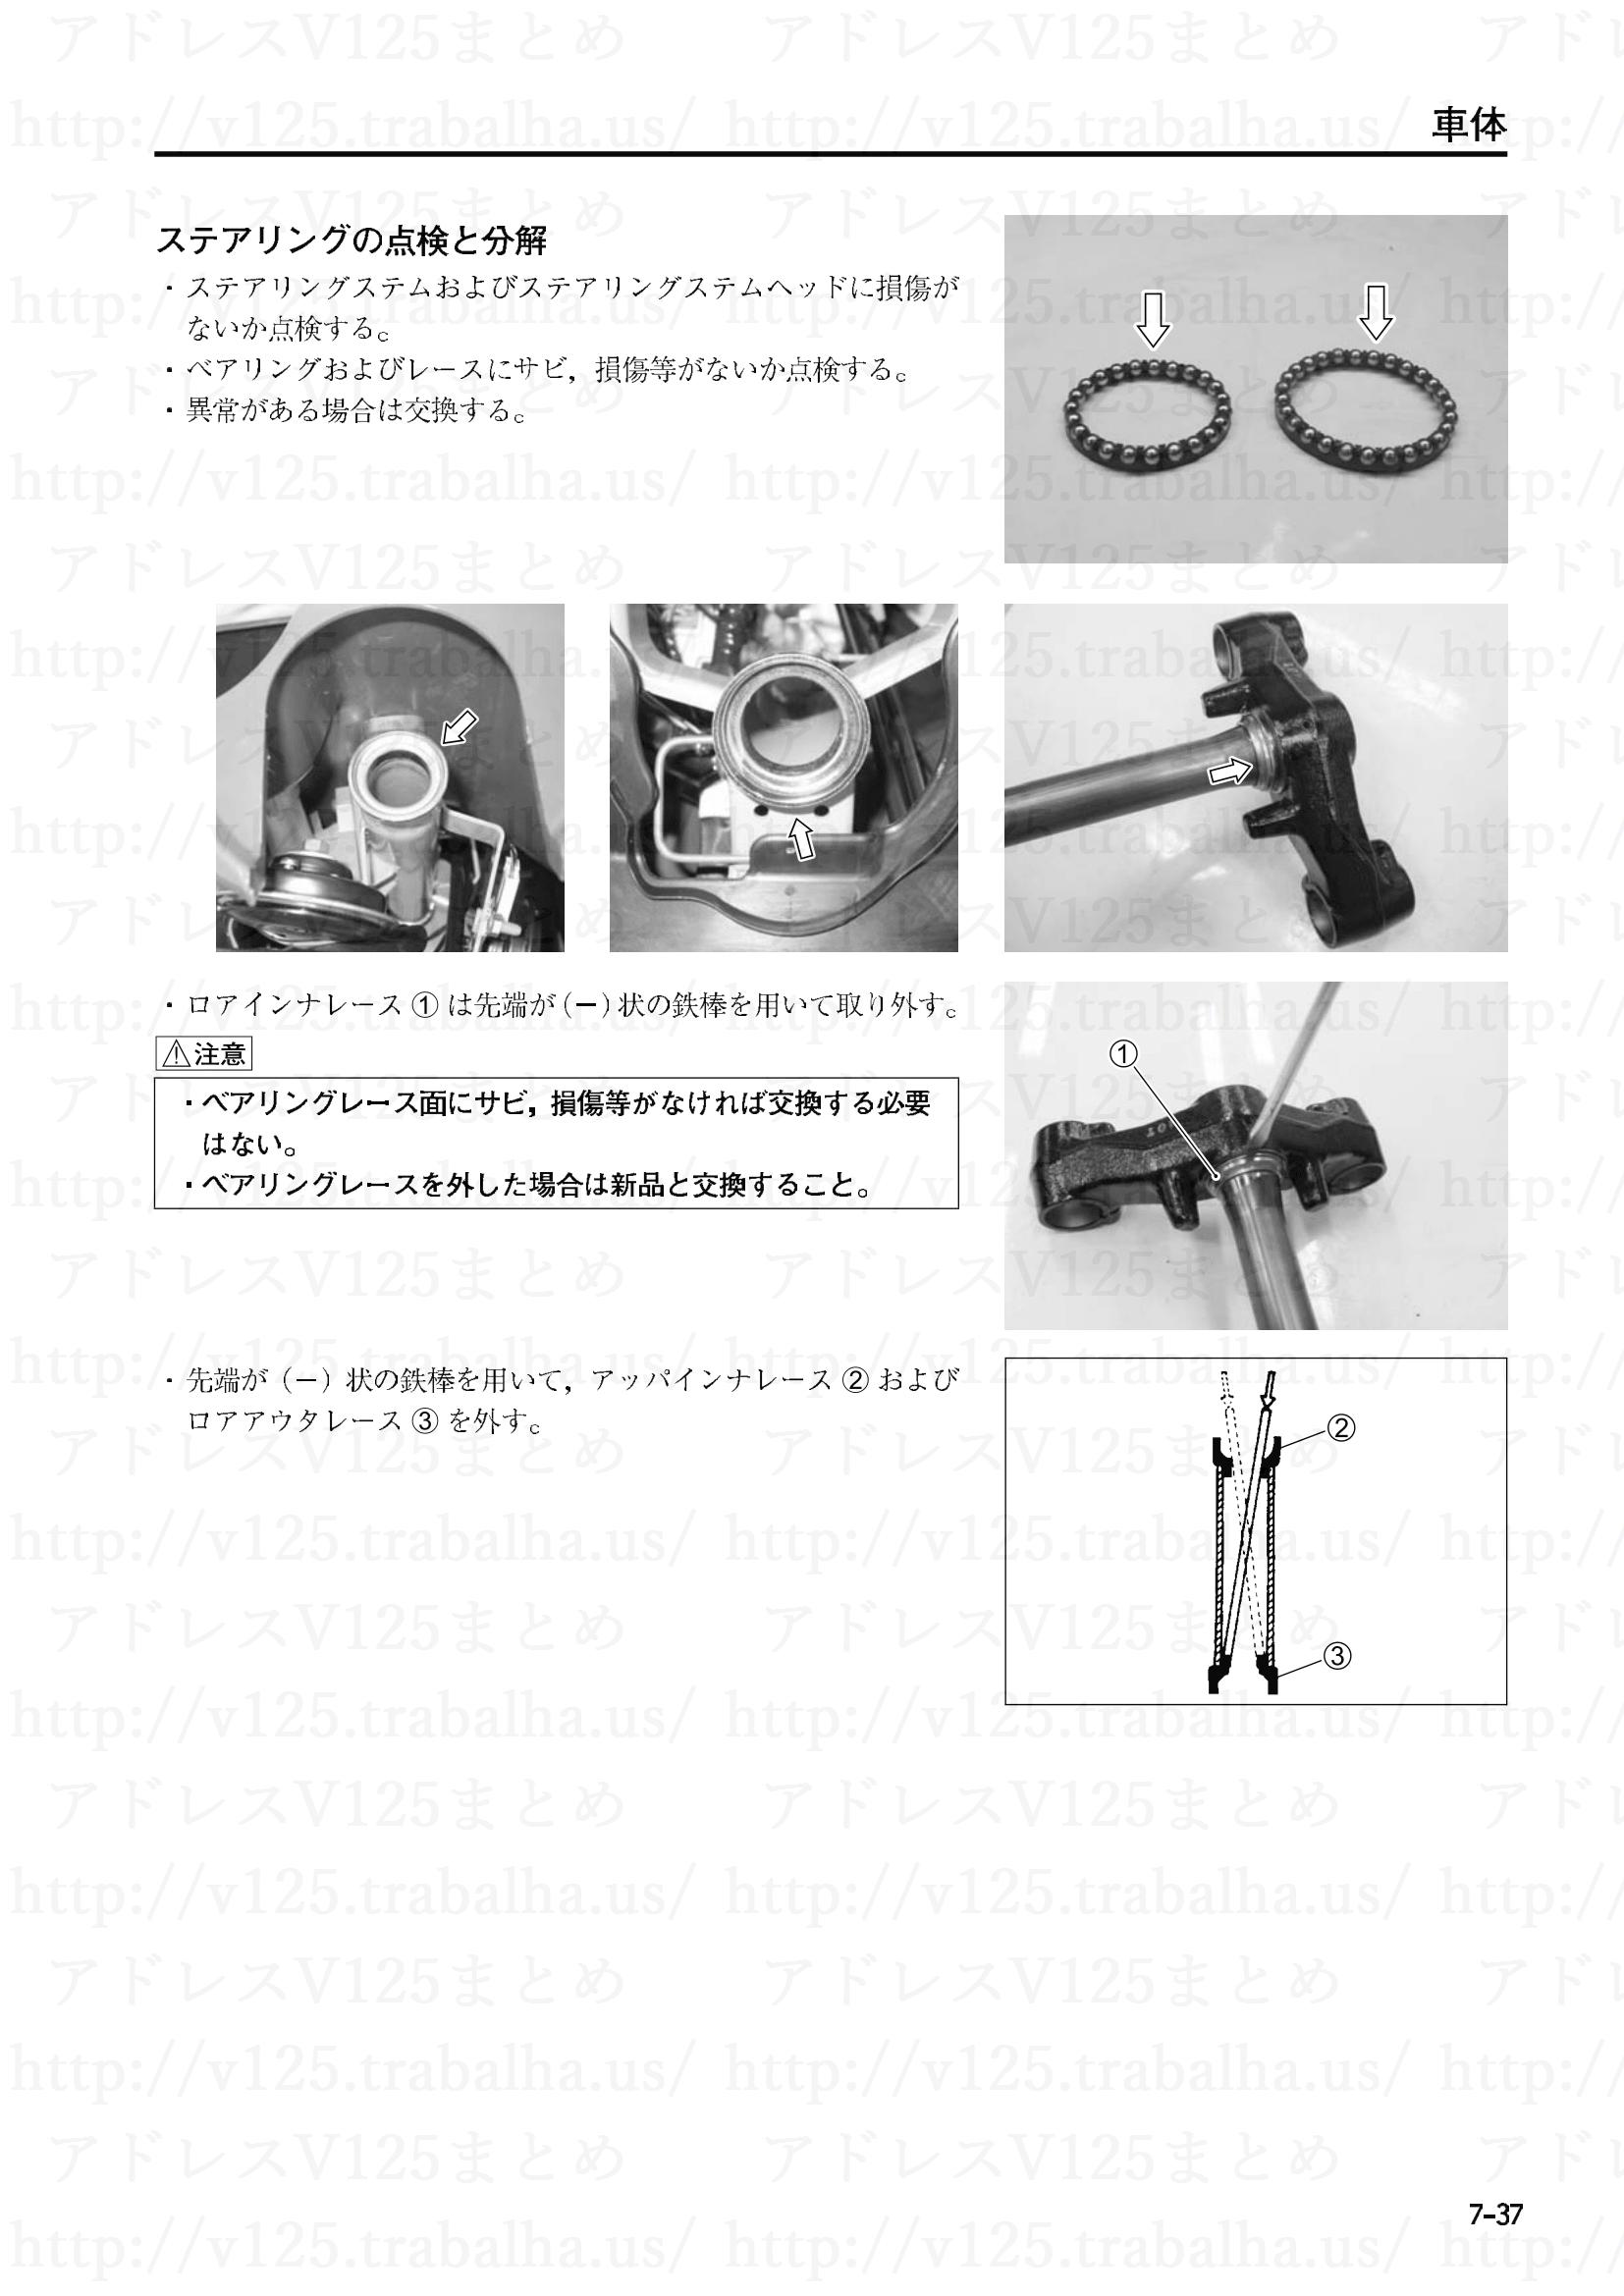 7-37【車体】ステアリングの点検と分解